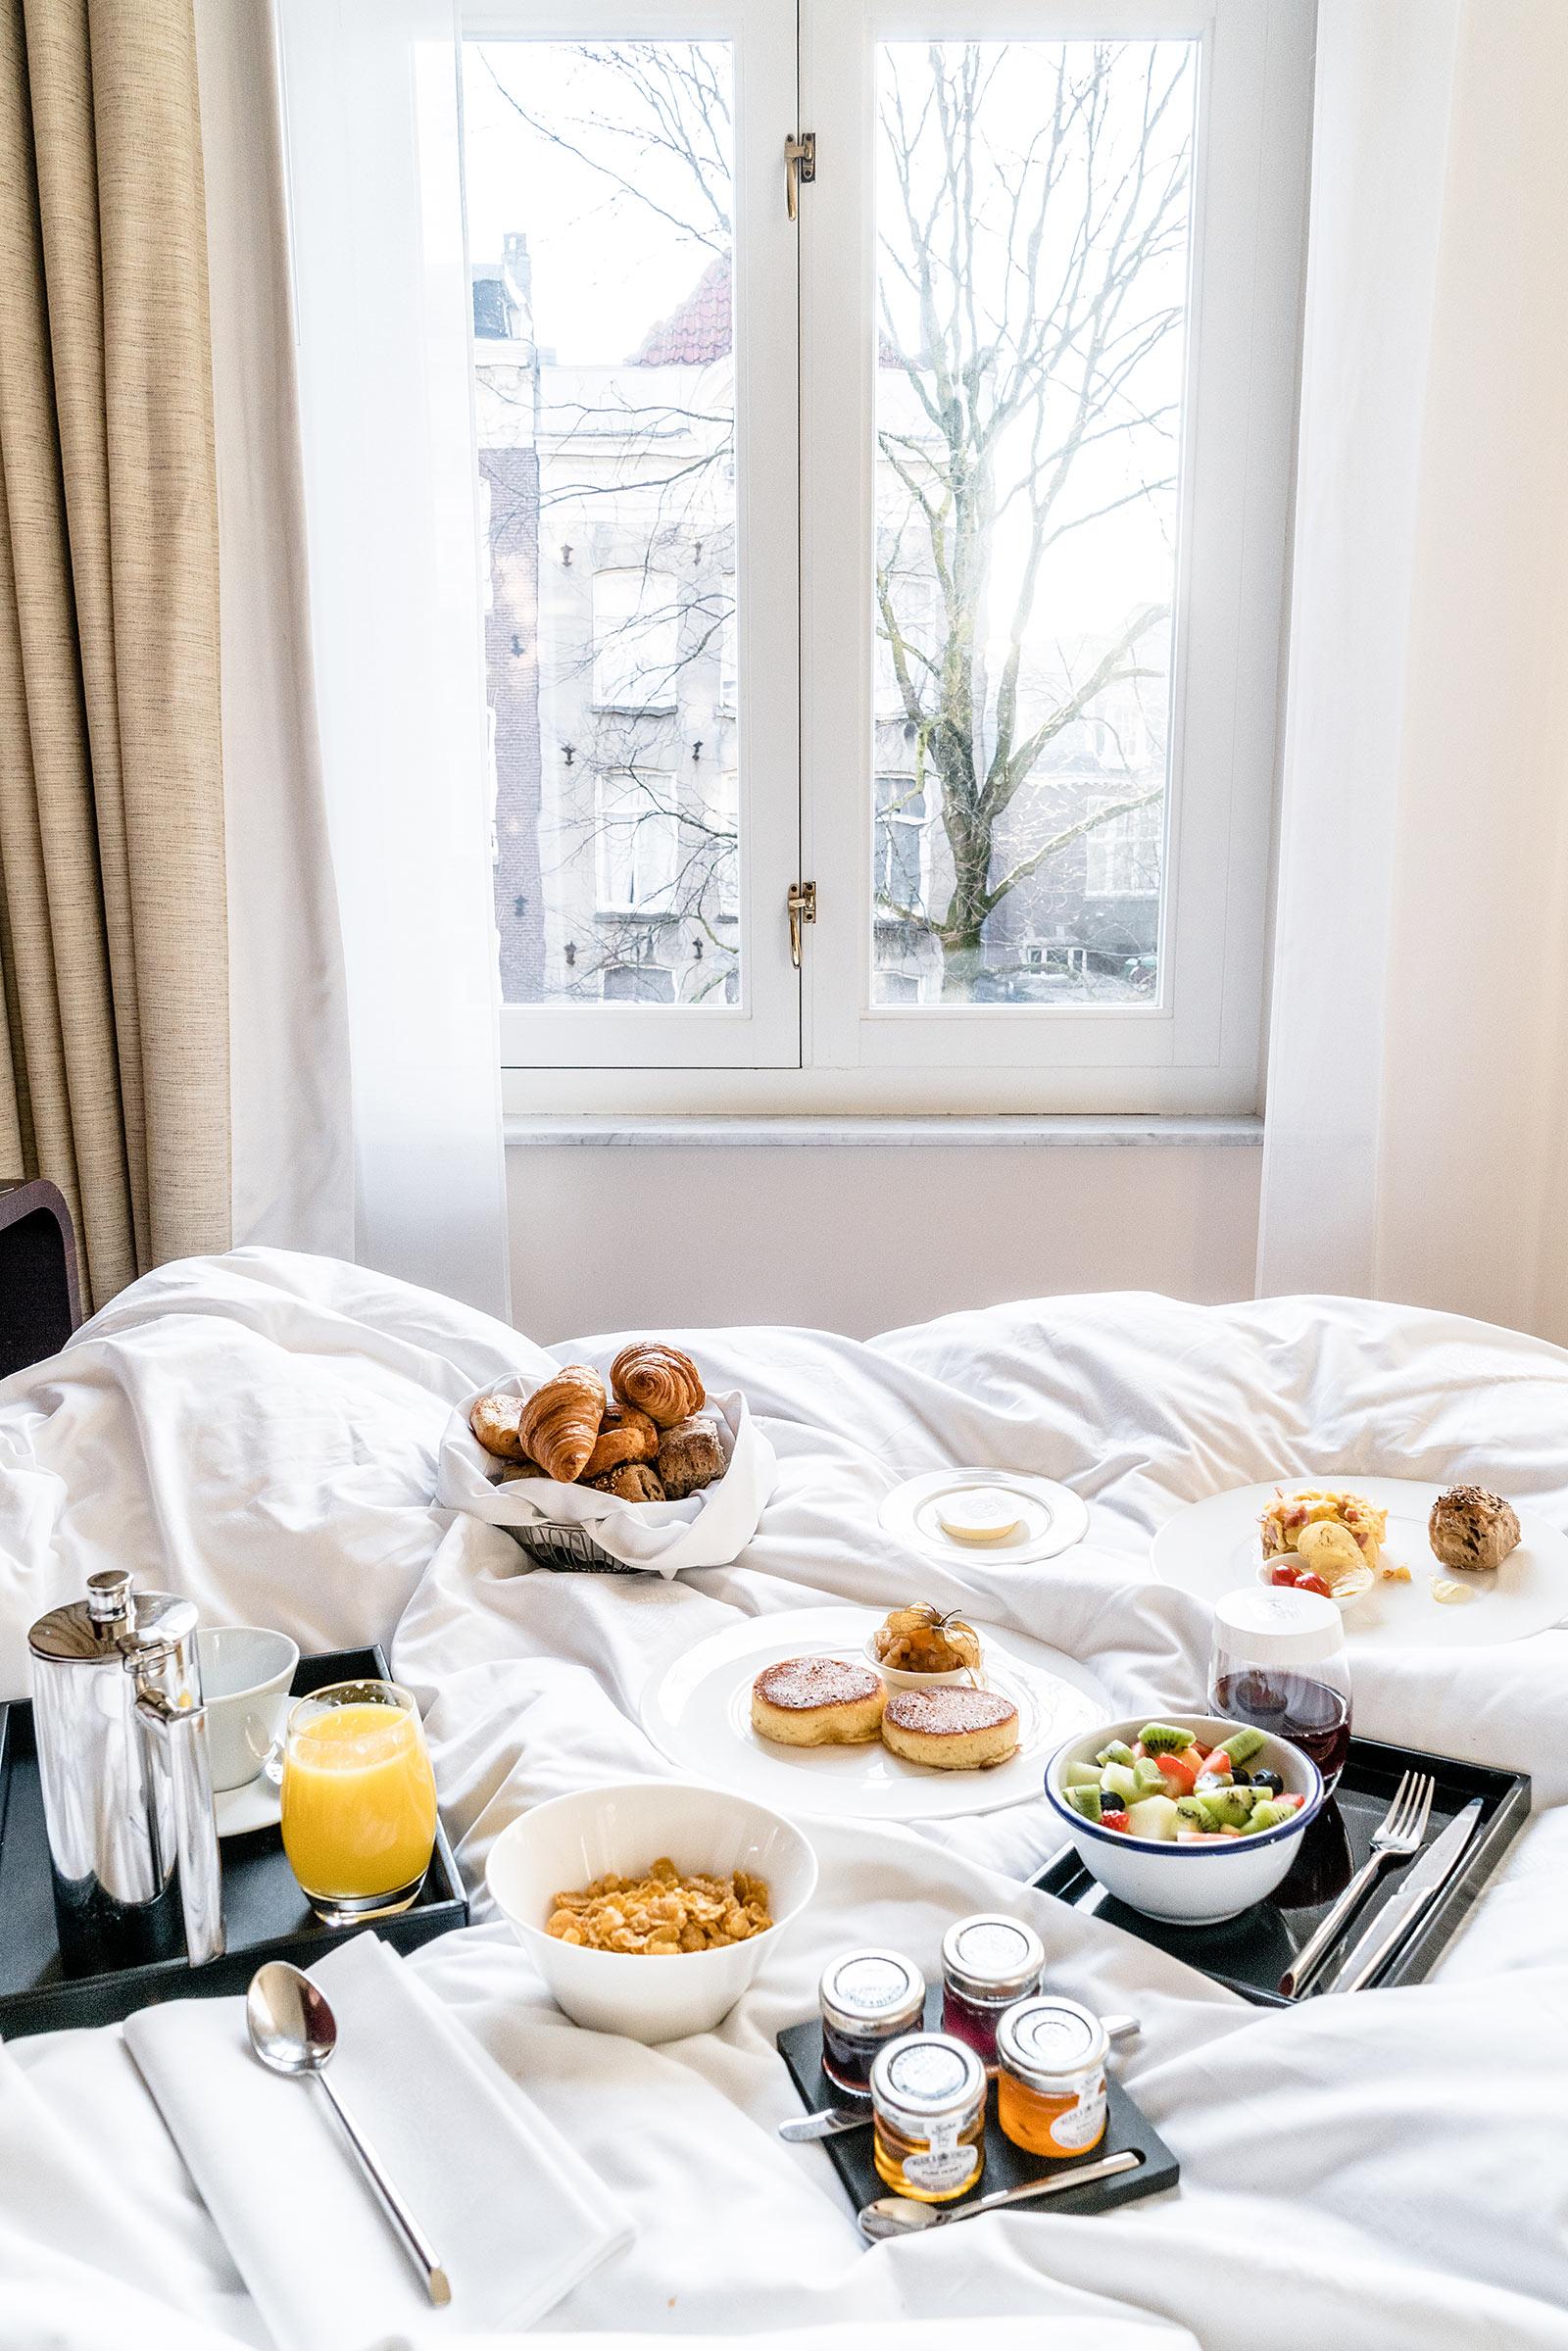 frühstück amsterdam hotel the grand sofitel travel blog sunnyinga